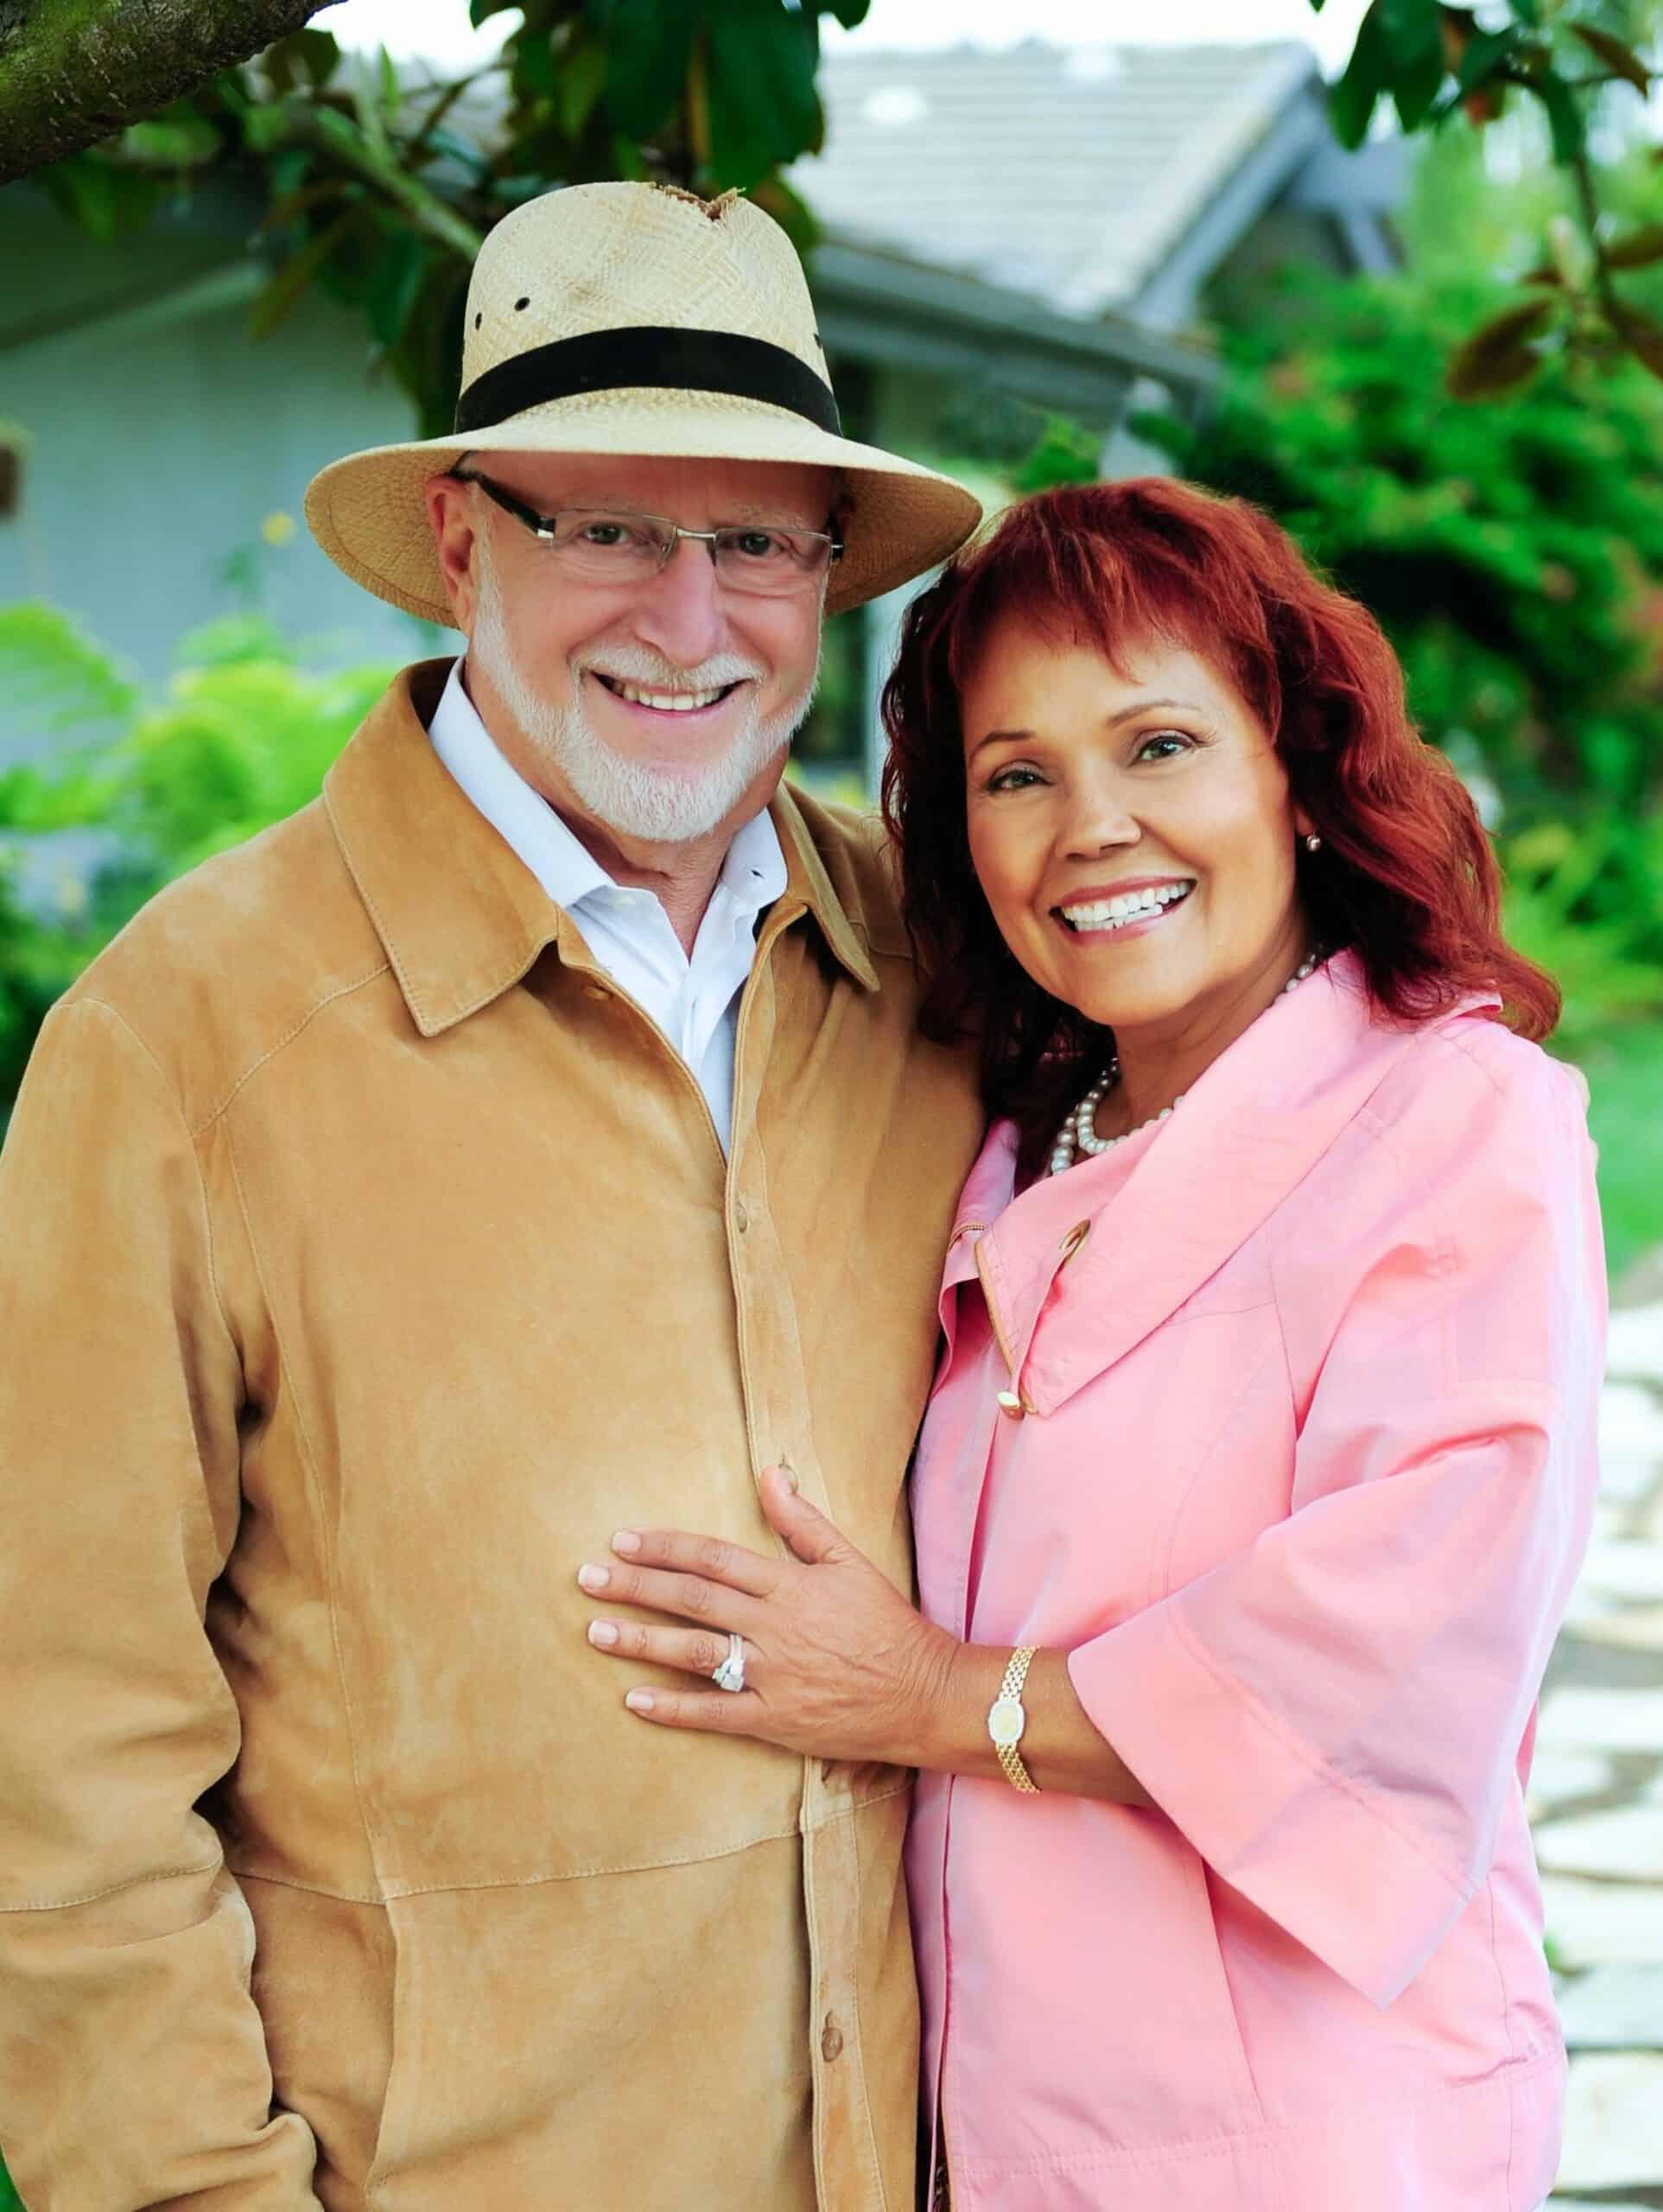 Michael and Luz Delia Gerber - The E-Myth Company